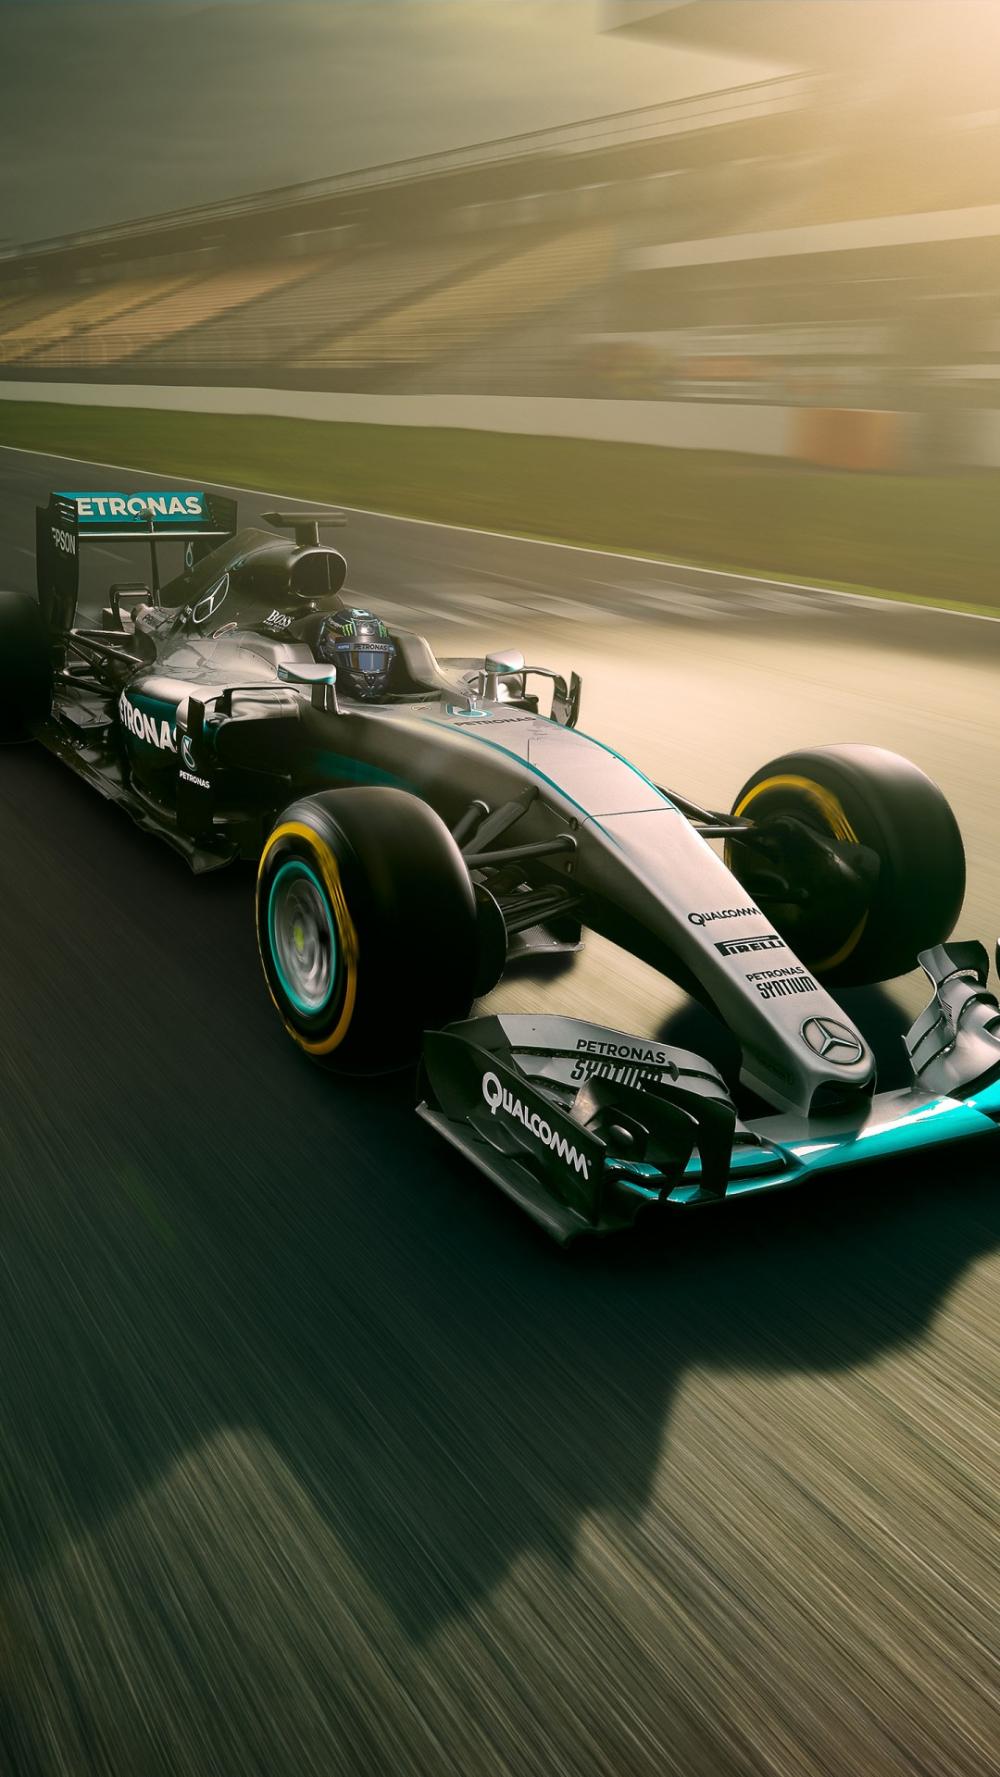 Mercedes Amg Petronas F1 Car 4k Wallpapers Hd Id 26528 En 2020 Fotos De Autos F1 Wallpaper Hd Coches De Carreras